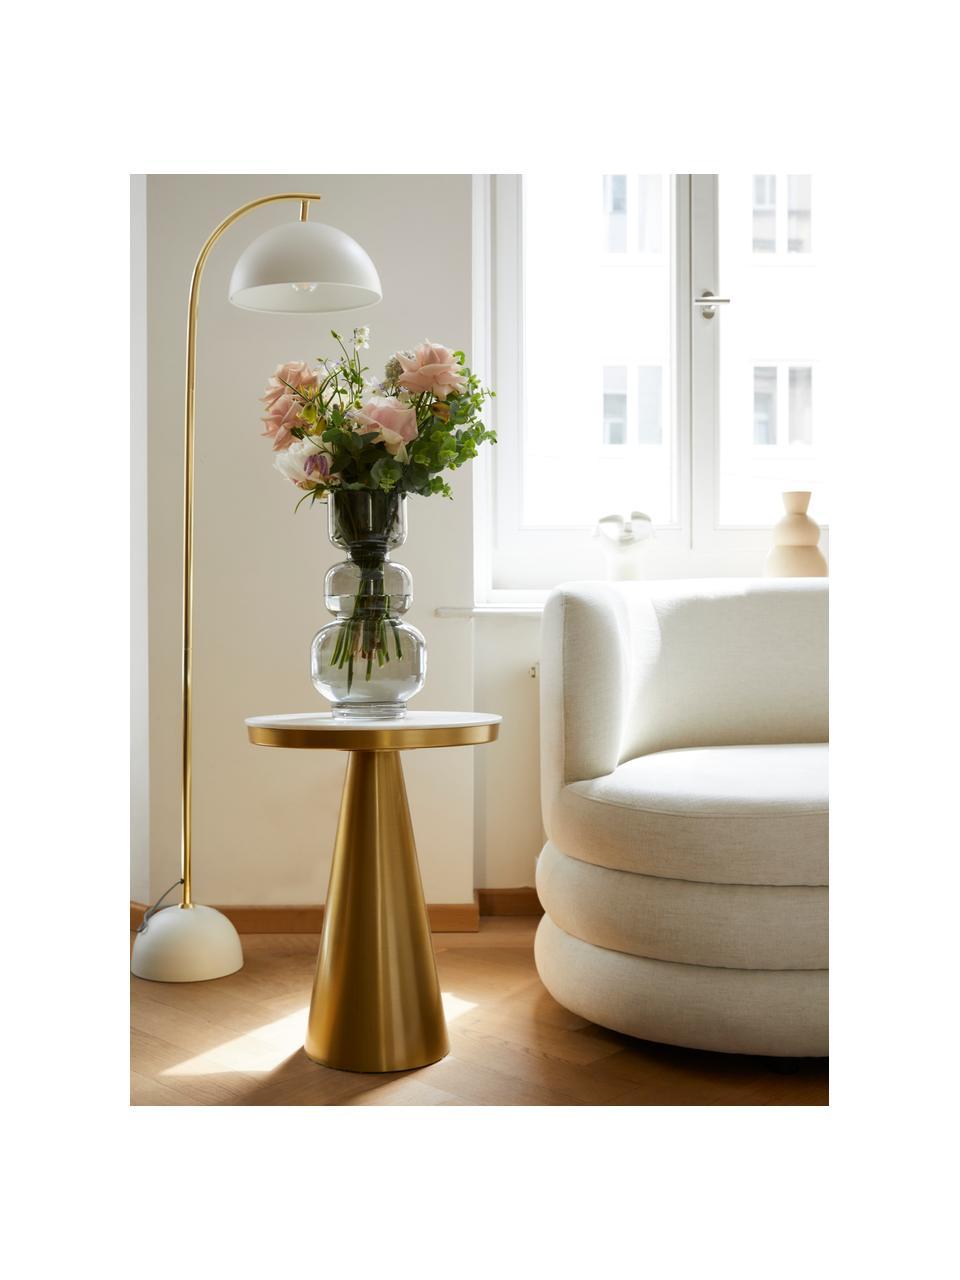 Runder Marmor-Beistelltisch Zelda, Tischplatte: Marmor, Gestell: Metall, beschichtet, Weiß-grauer Marmor, Goldfarben, Ø 41 x H  54 cm